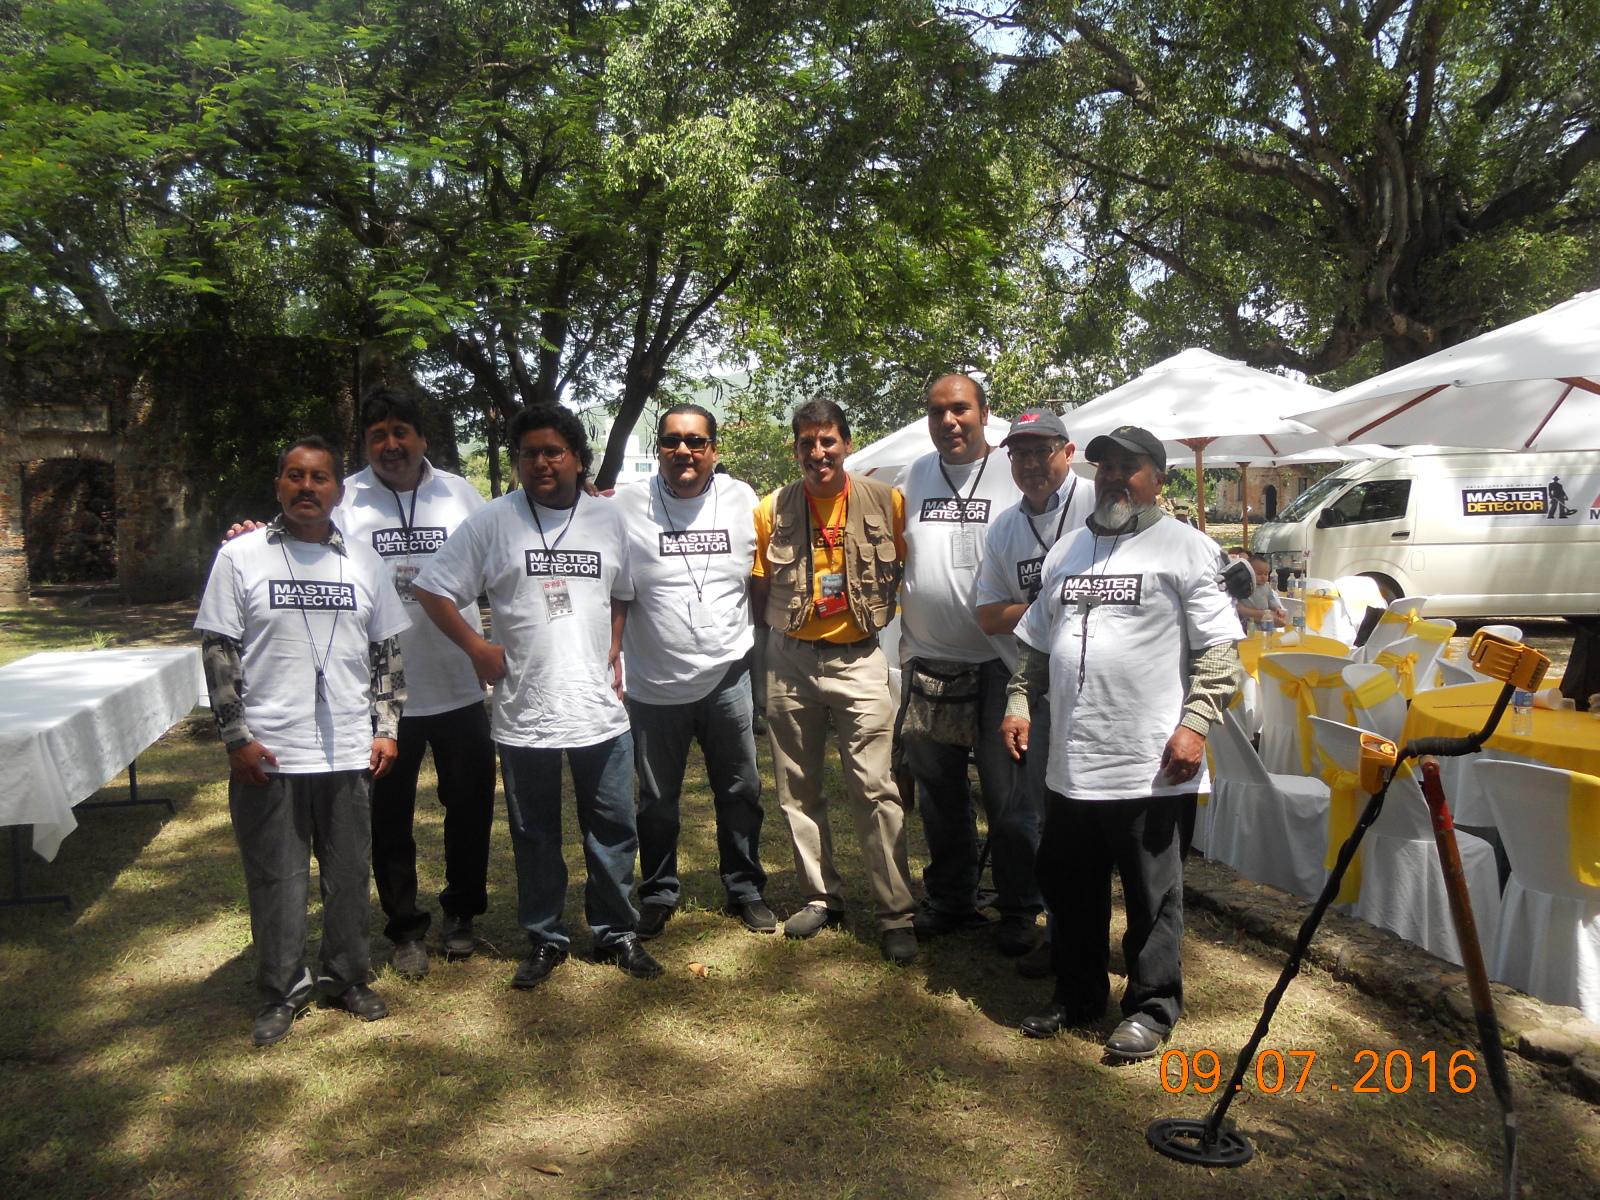 PRIMER ENCUENTRO NACIONAL DE BUSCADORES DE TESOROS 2v2e0b5